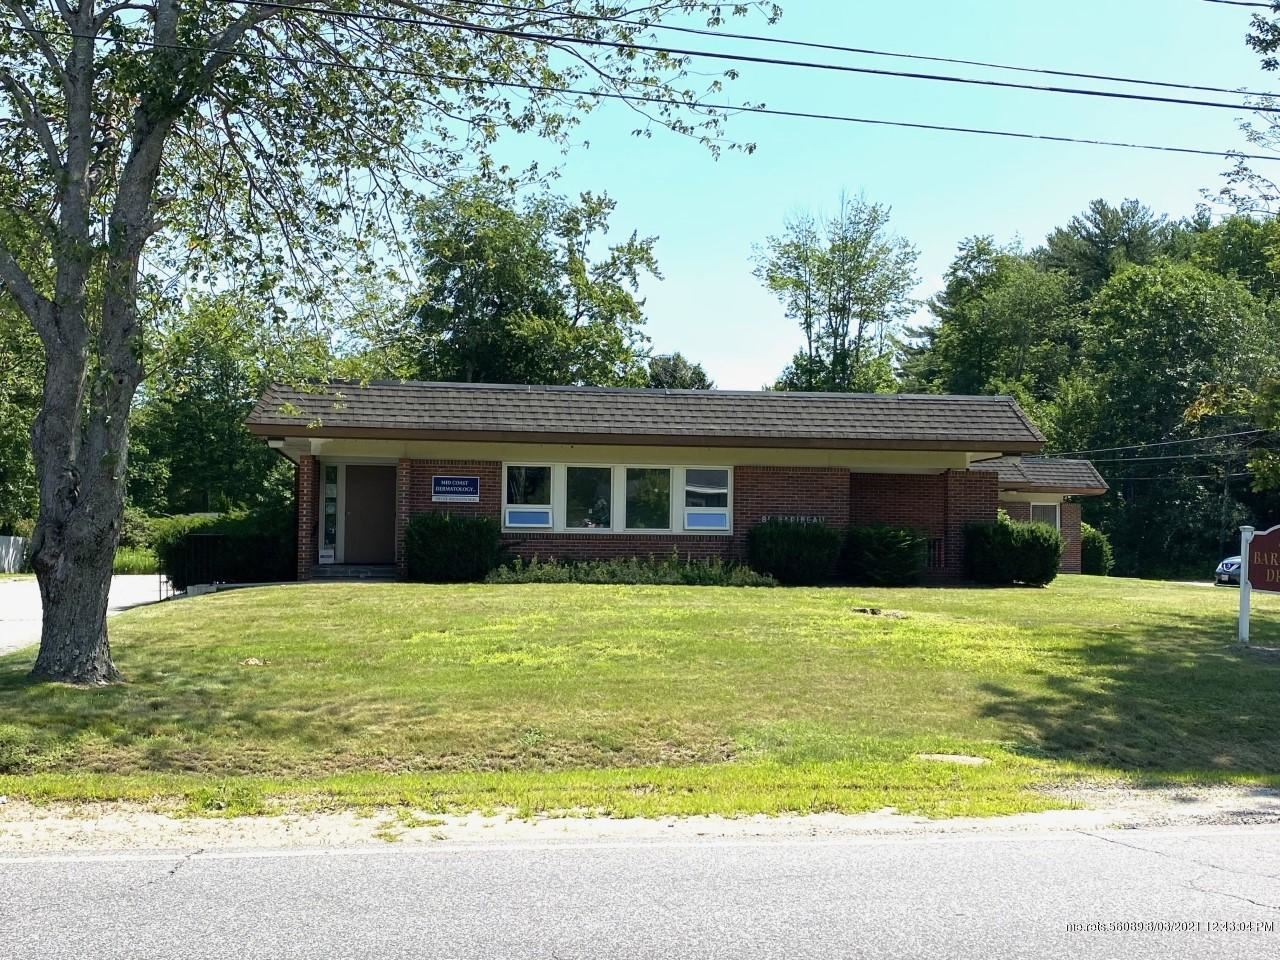 Photo of 85 Baribeau Drive #1-4, Brunswick, ME 04011 (MLS # 1503445)